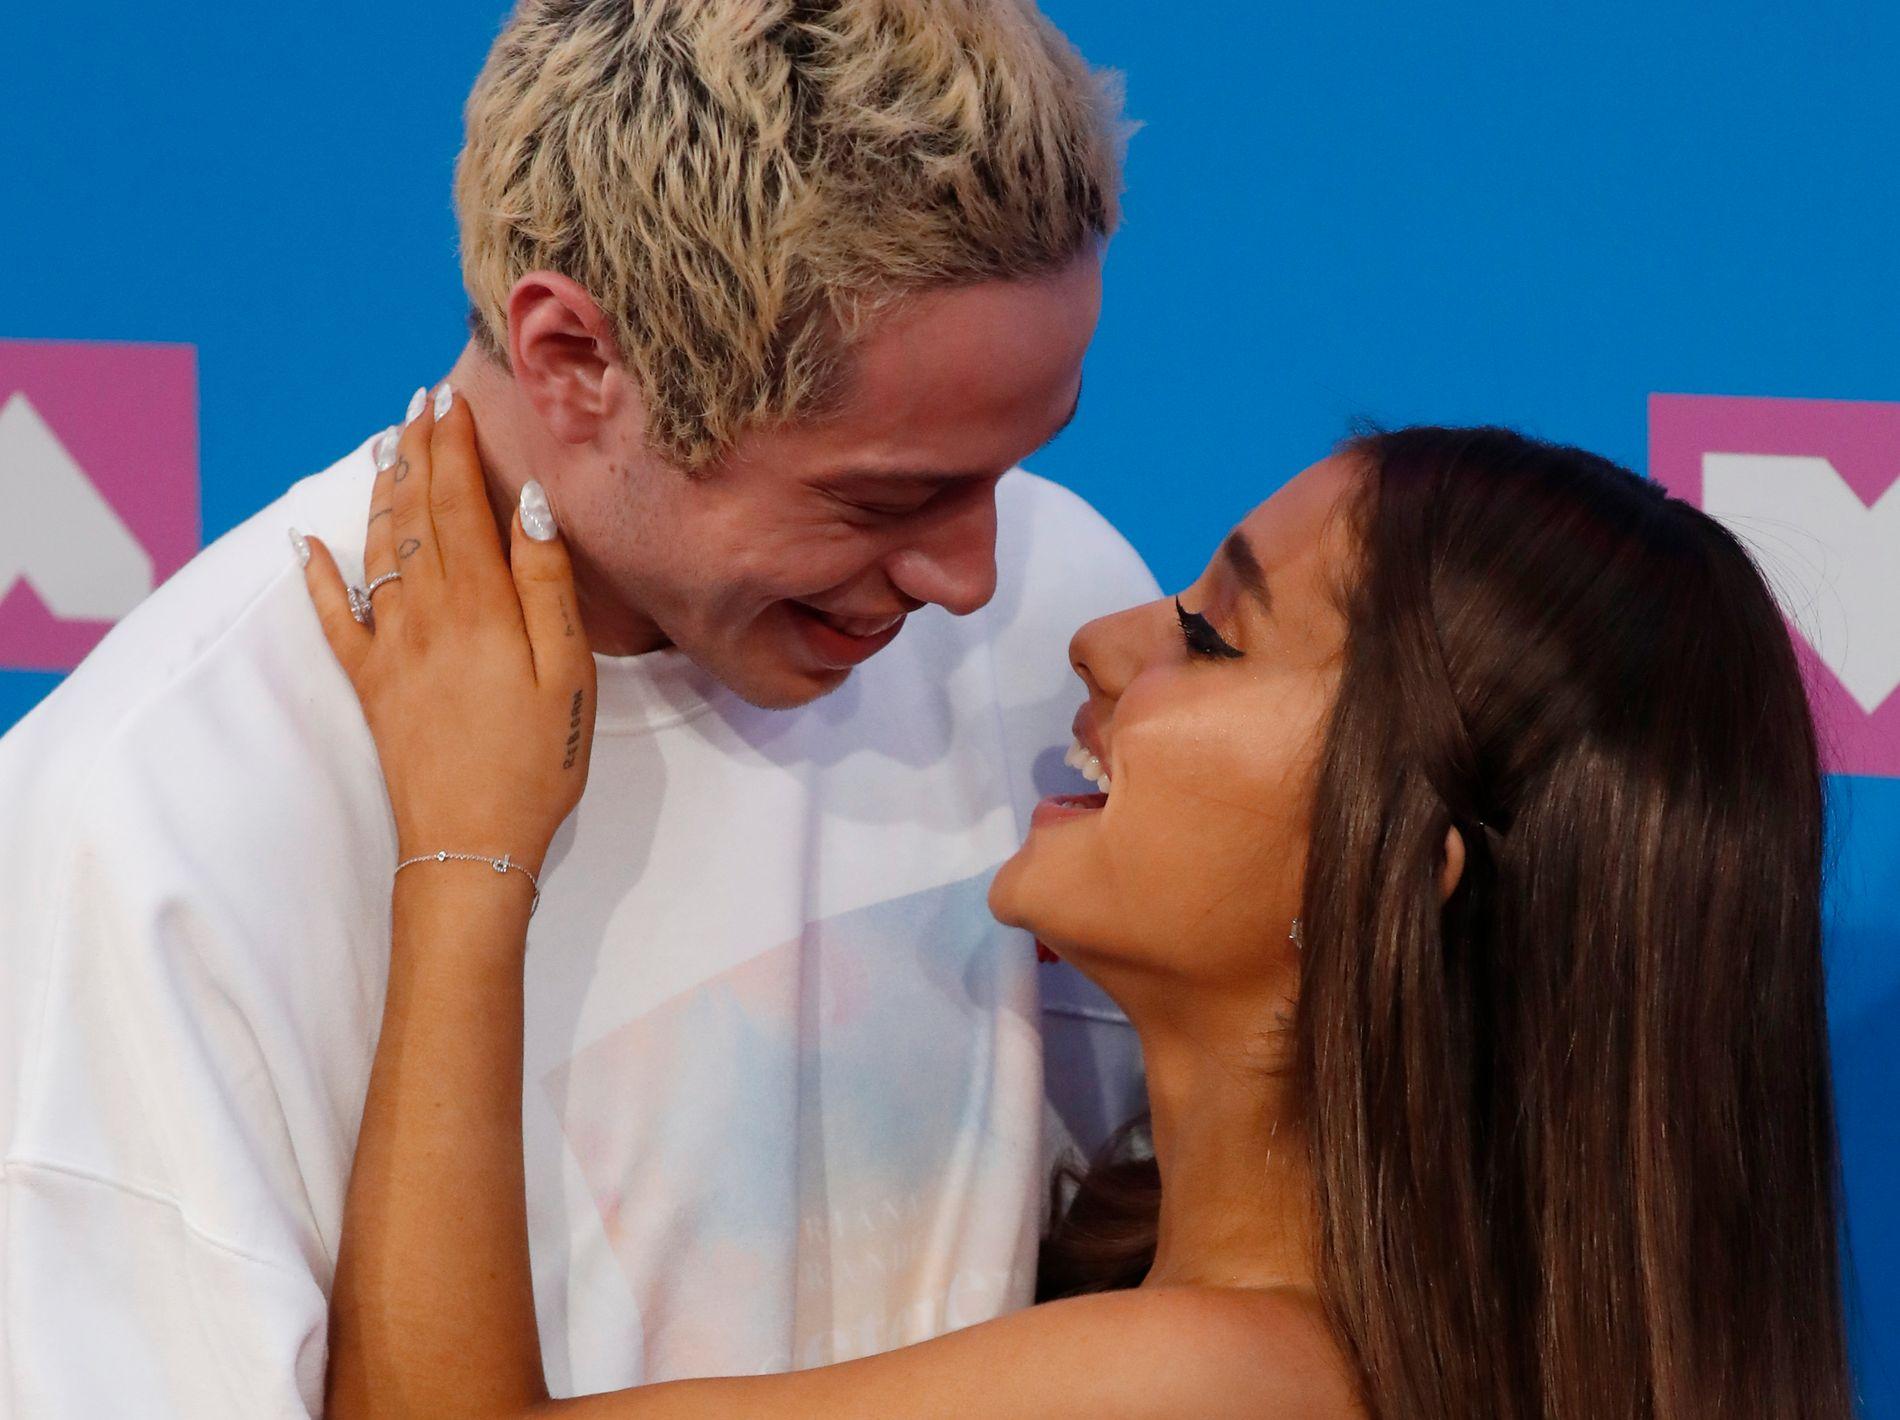 EKSPAR: Pete Davidson og Ariana Grande på et arrangement i New York i august.